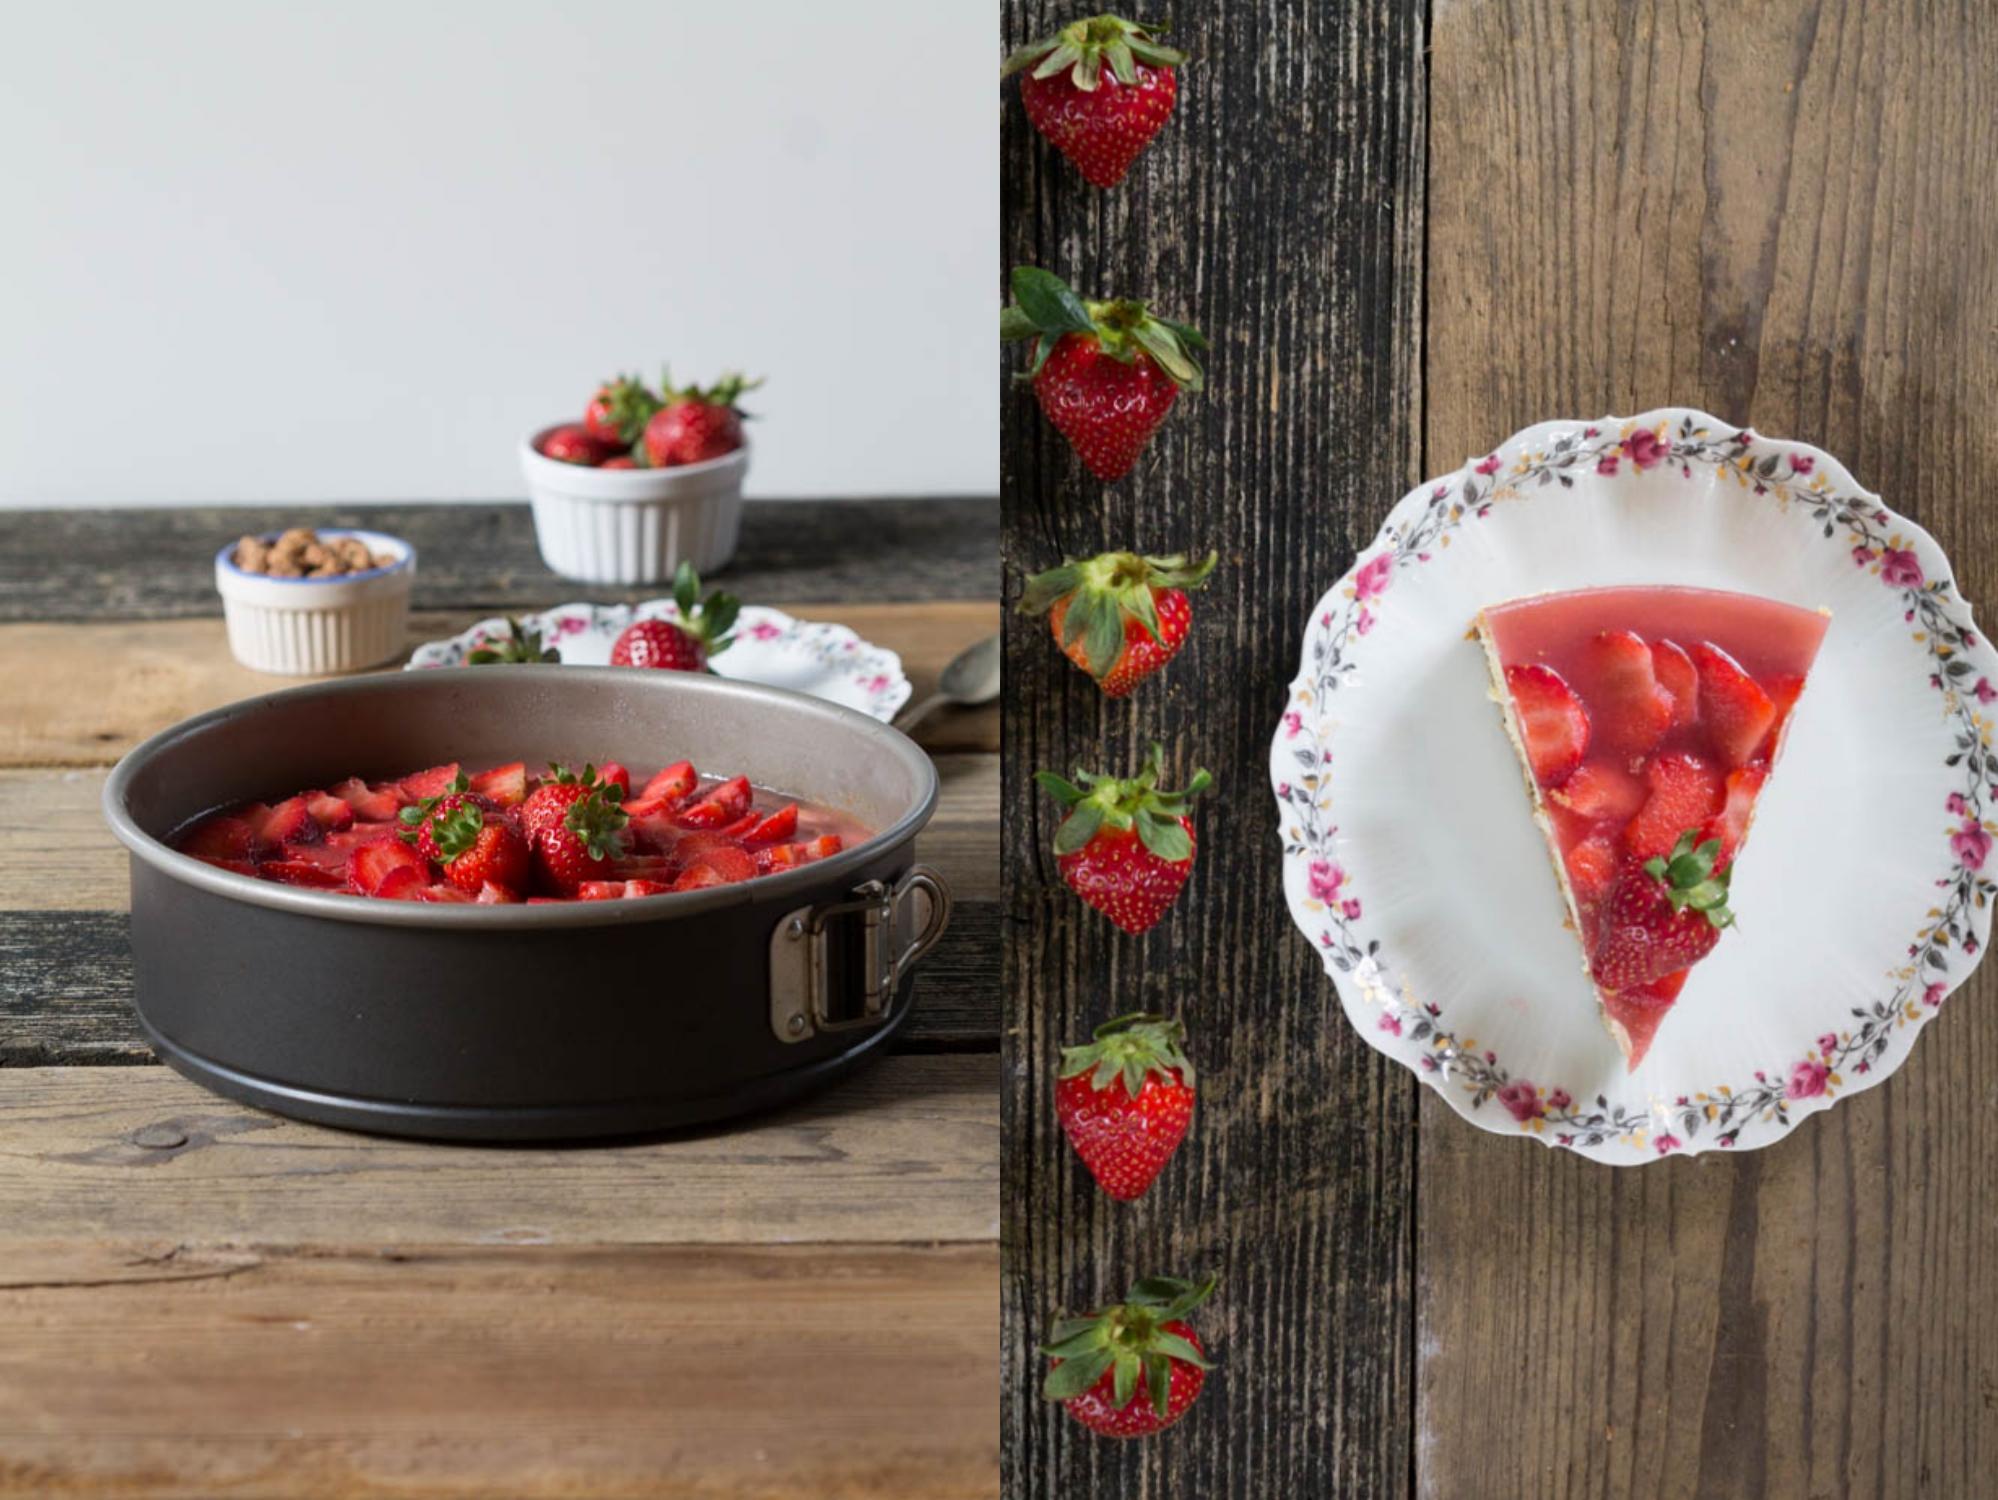 FAIBLE_Erdbeer-Cheesecake mit Erdmandel 2